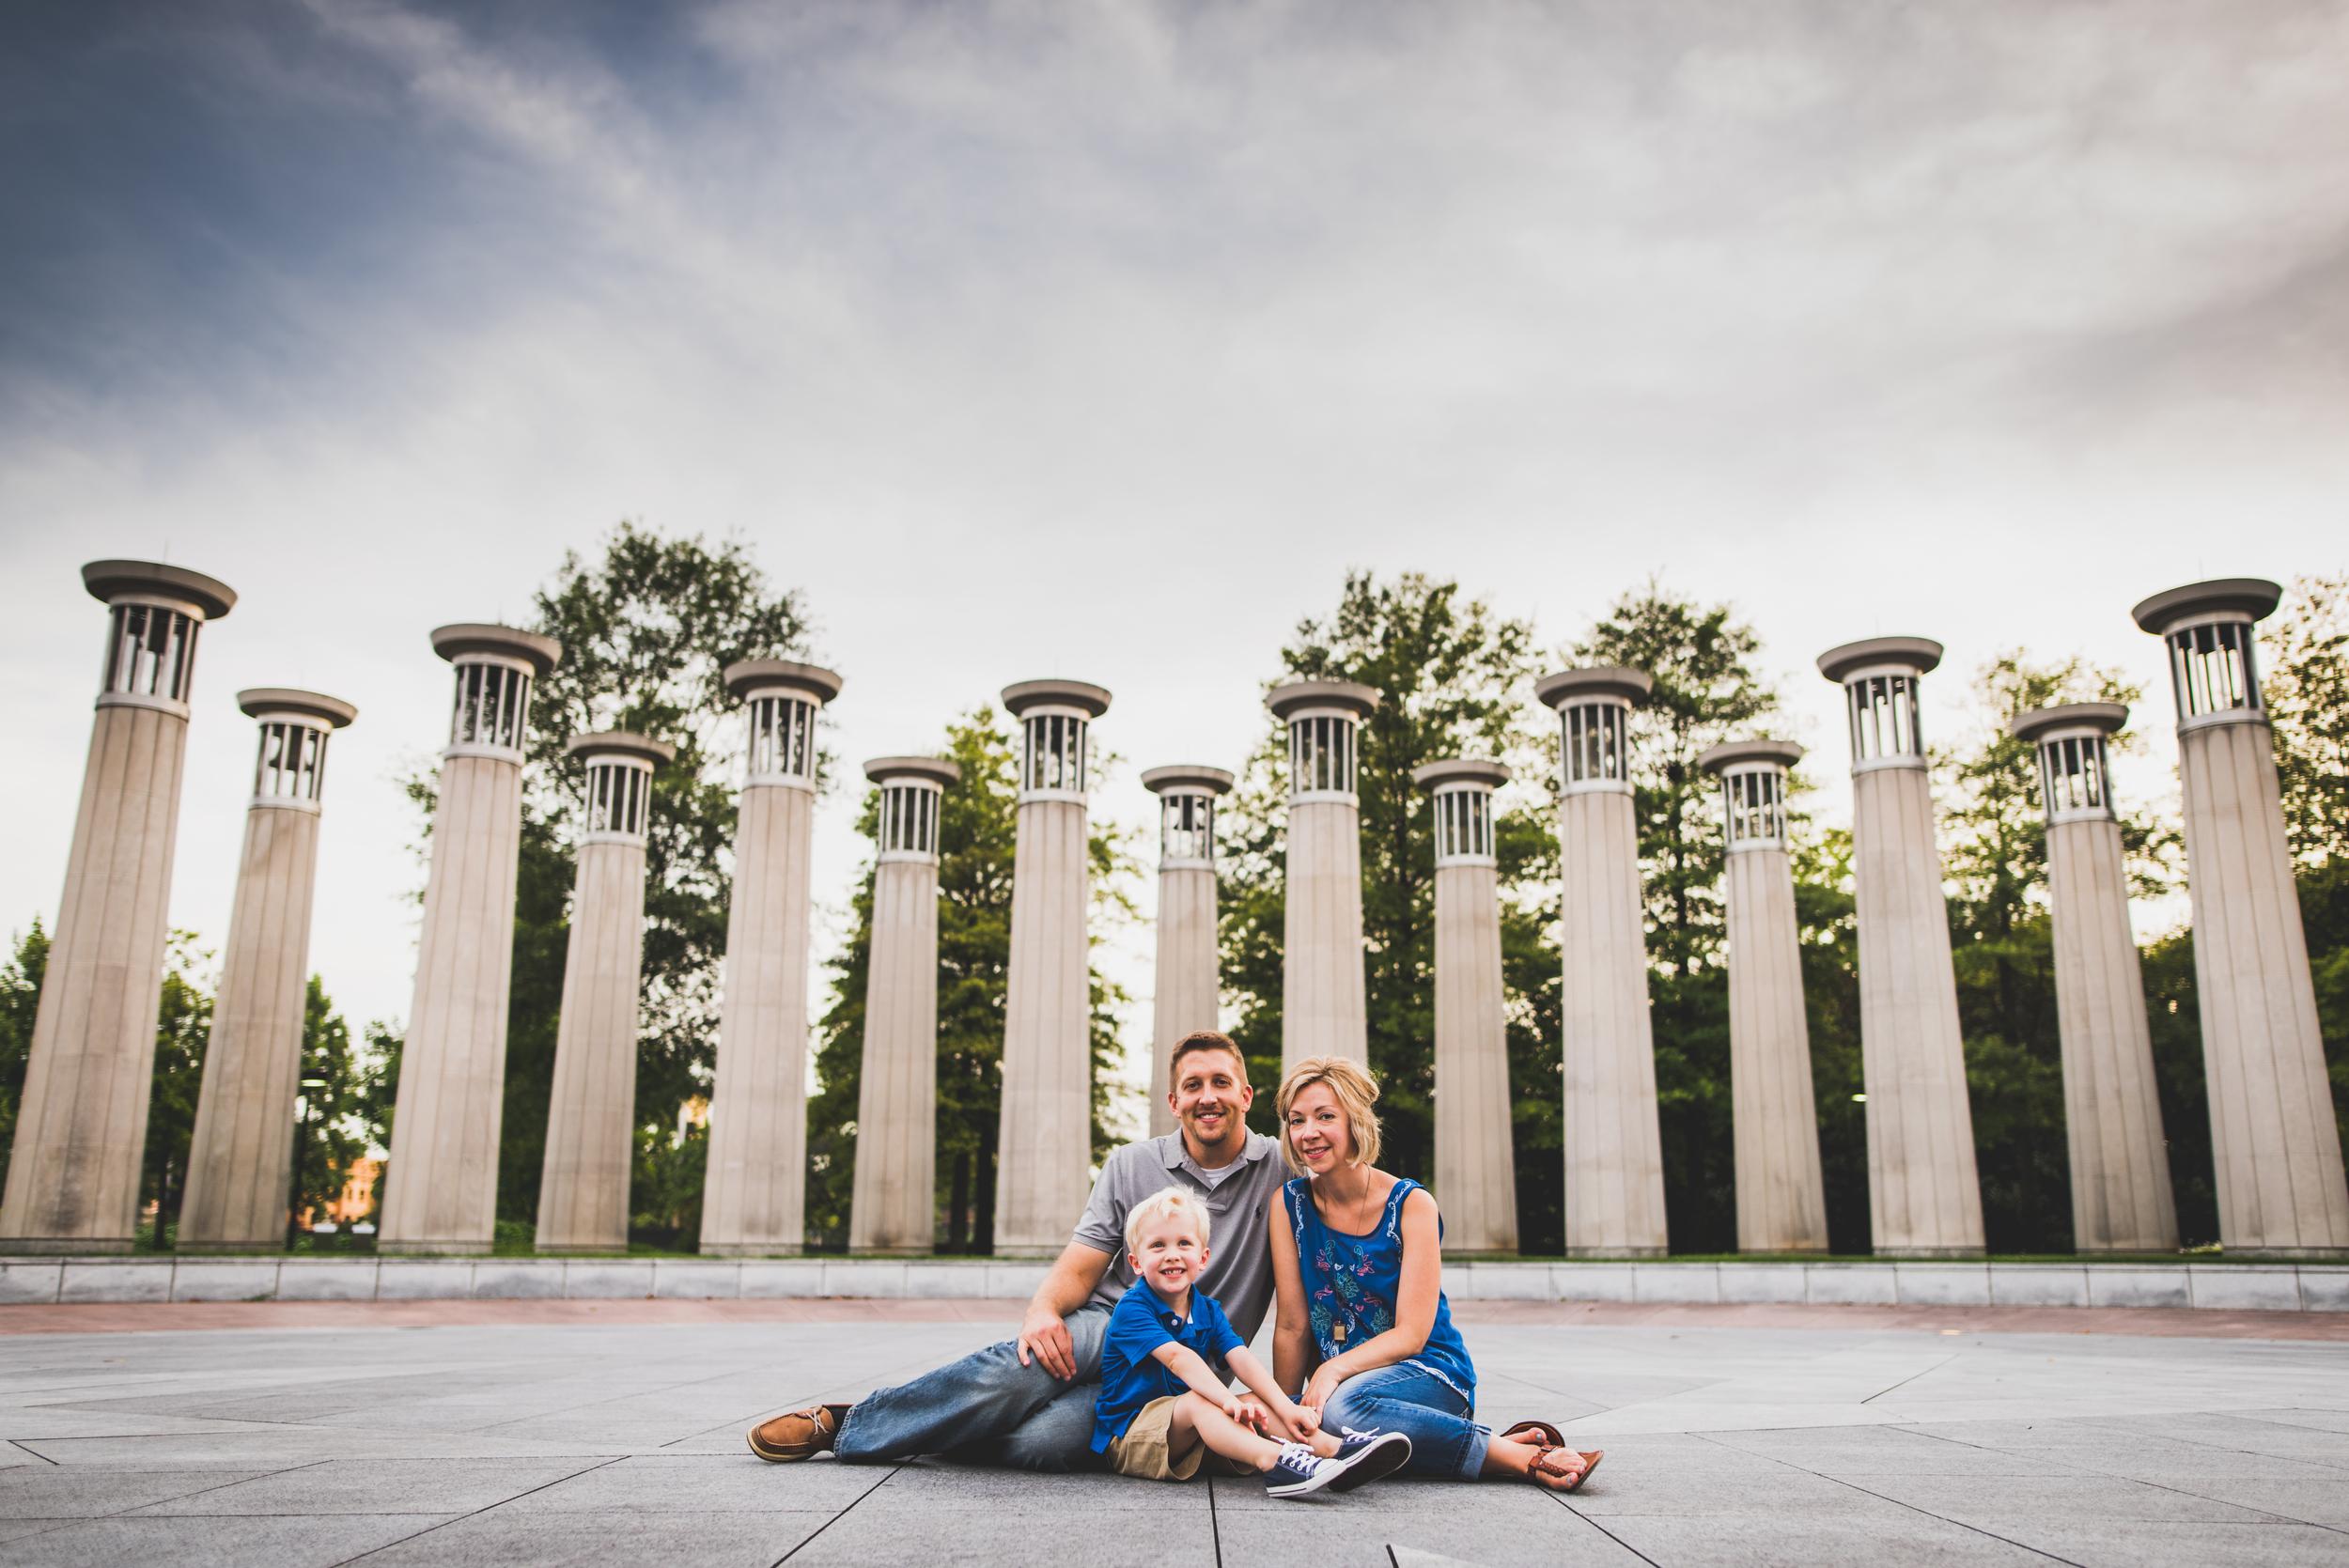 Bicentennial Mall State Park Nashville TN Photographer-17.jpg